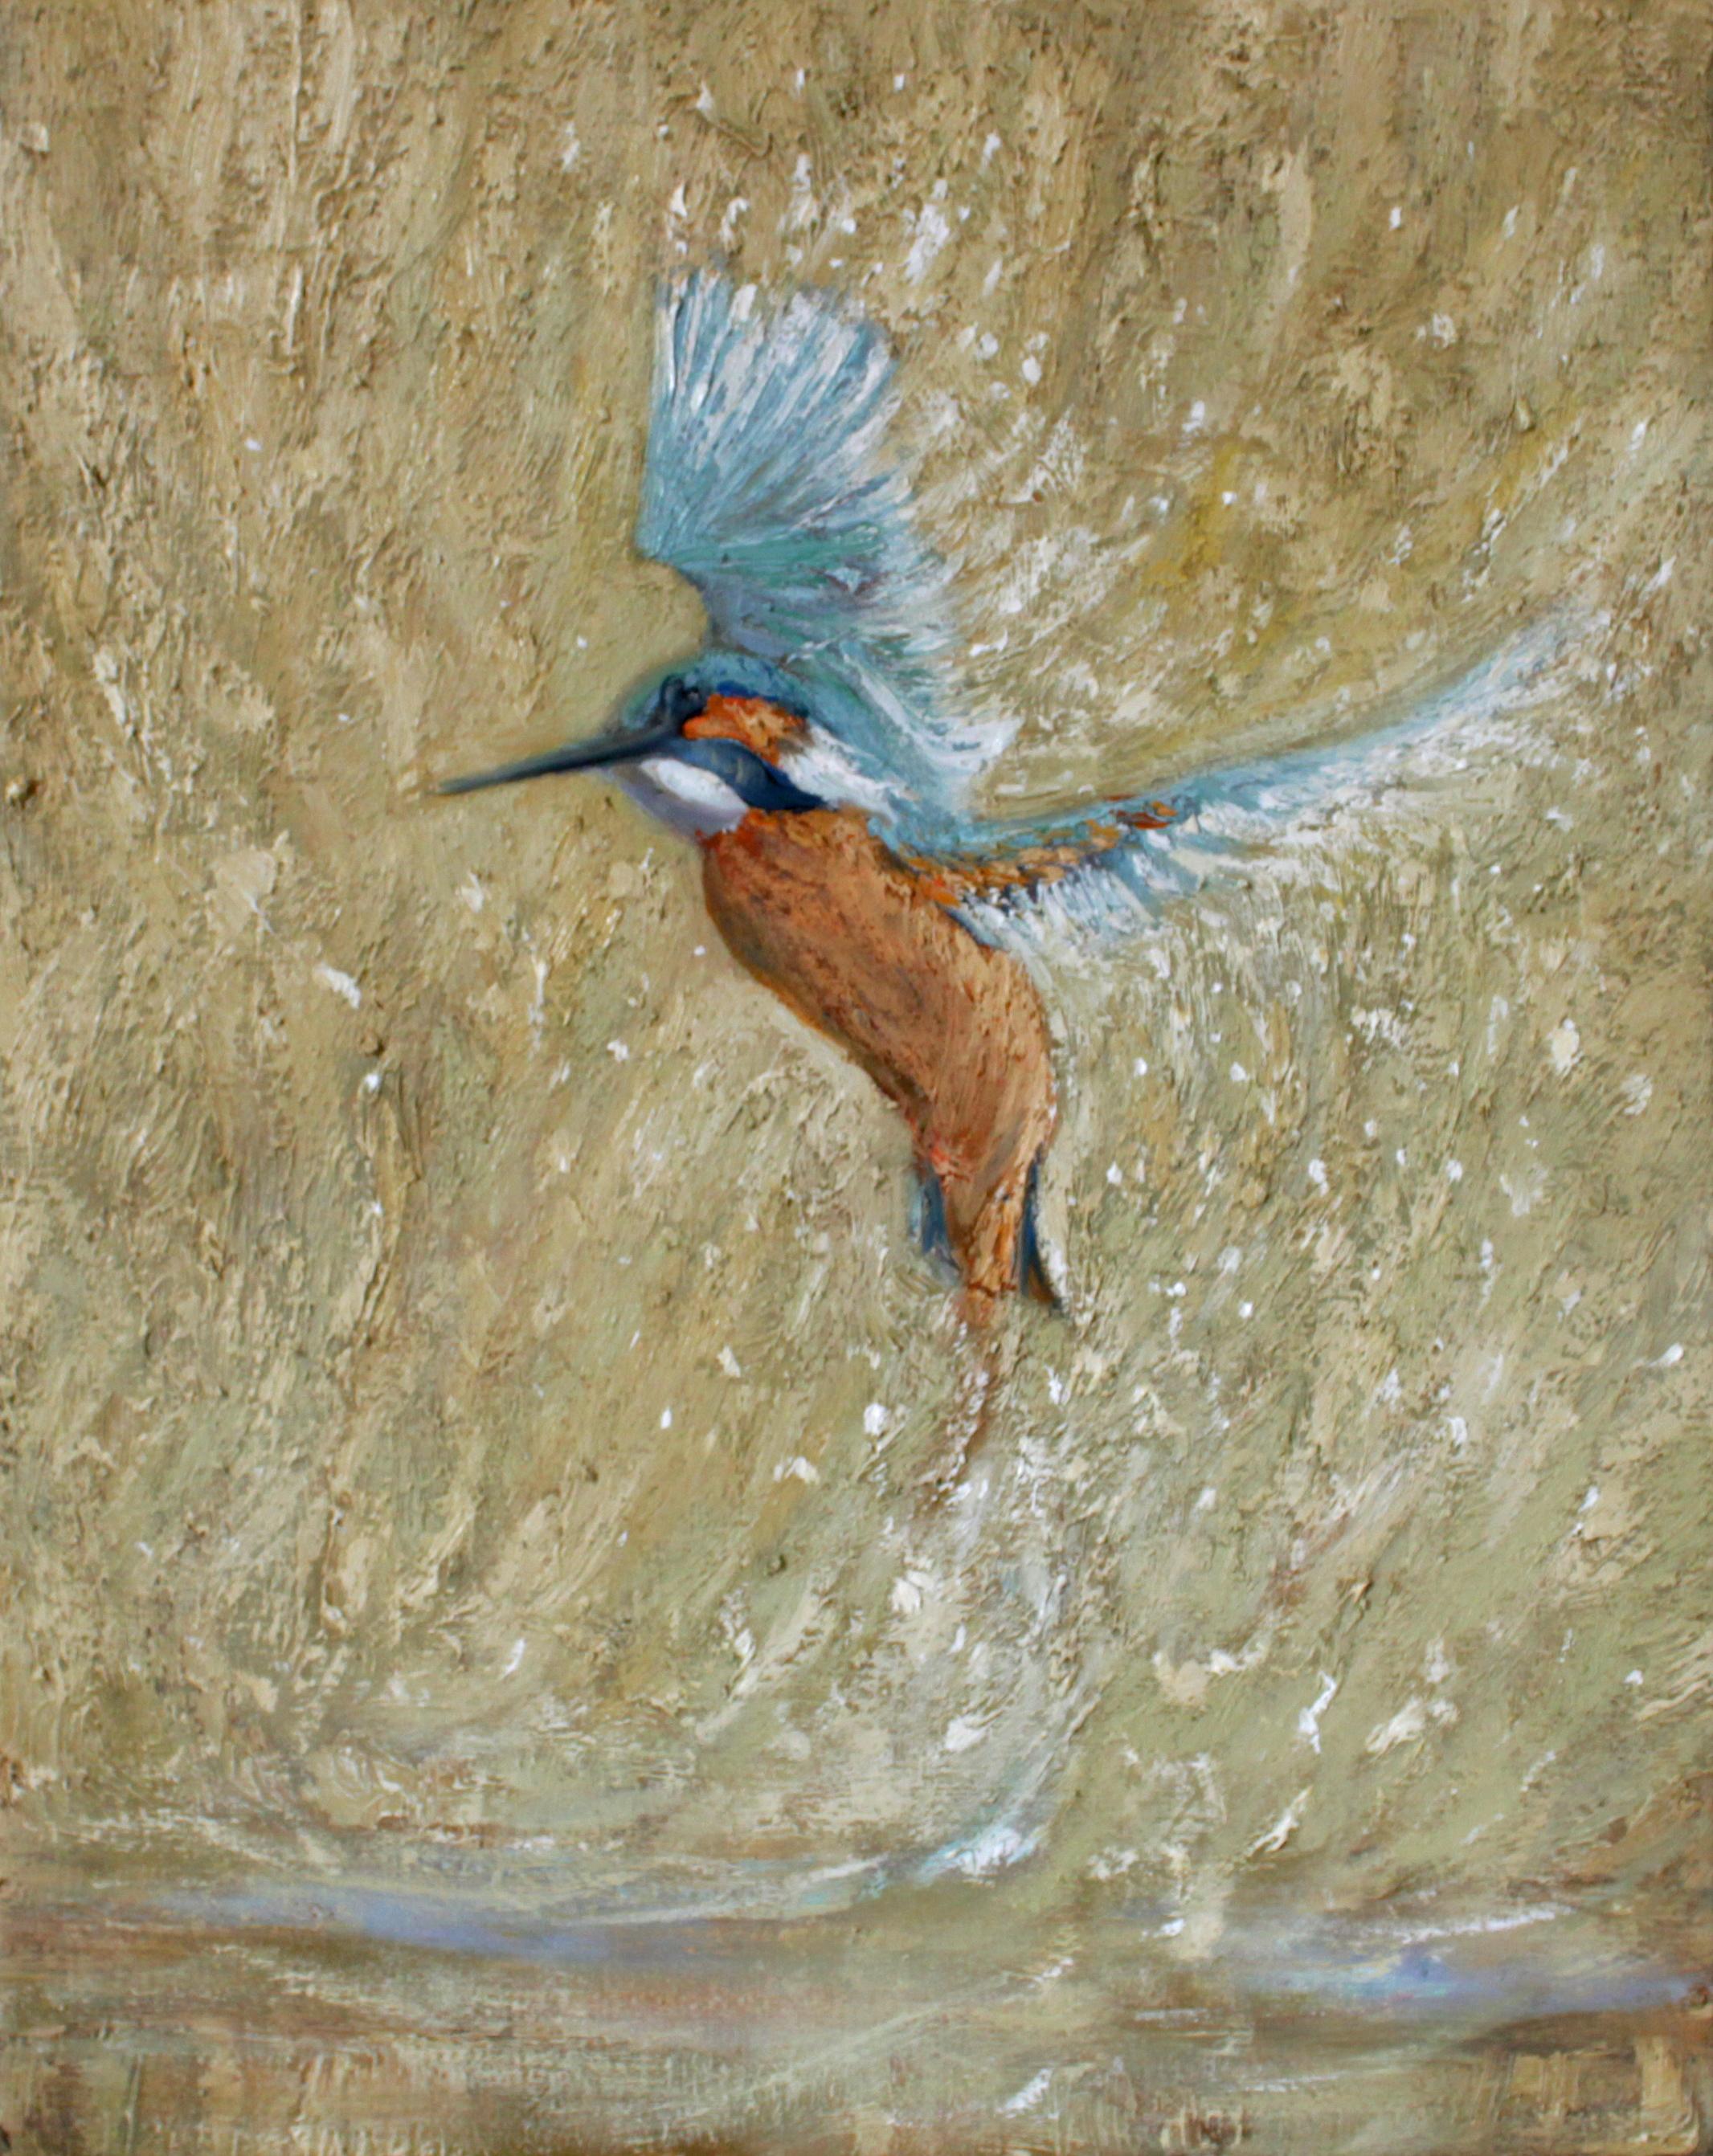 GUIDO SALIMBENI, Kingfisher With Spread Wings